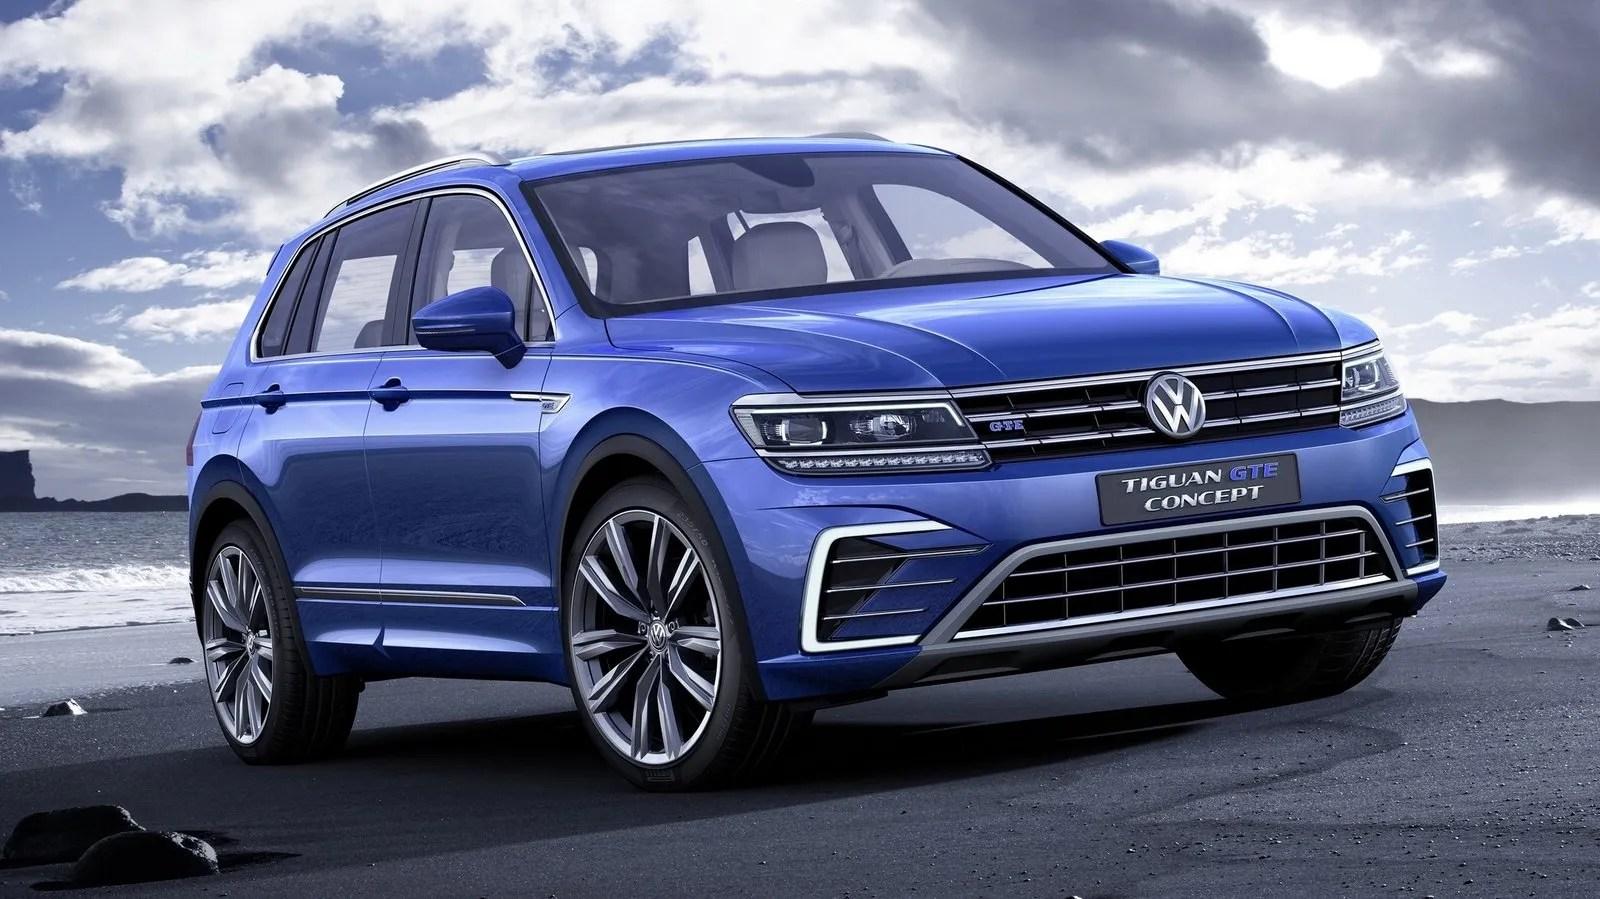 Car Display Wallpaper Vw 2016 Volkswagen Tiguan Gte Top Speed